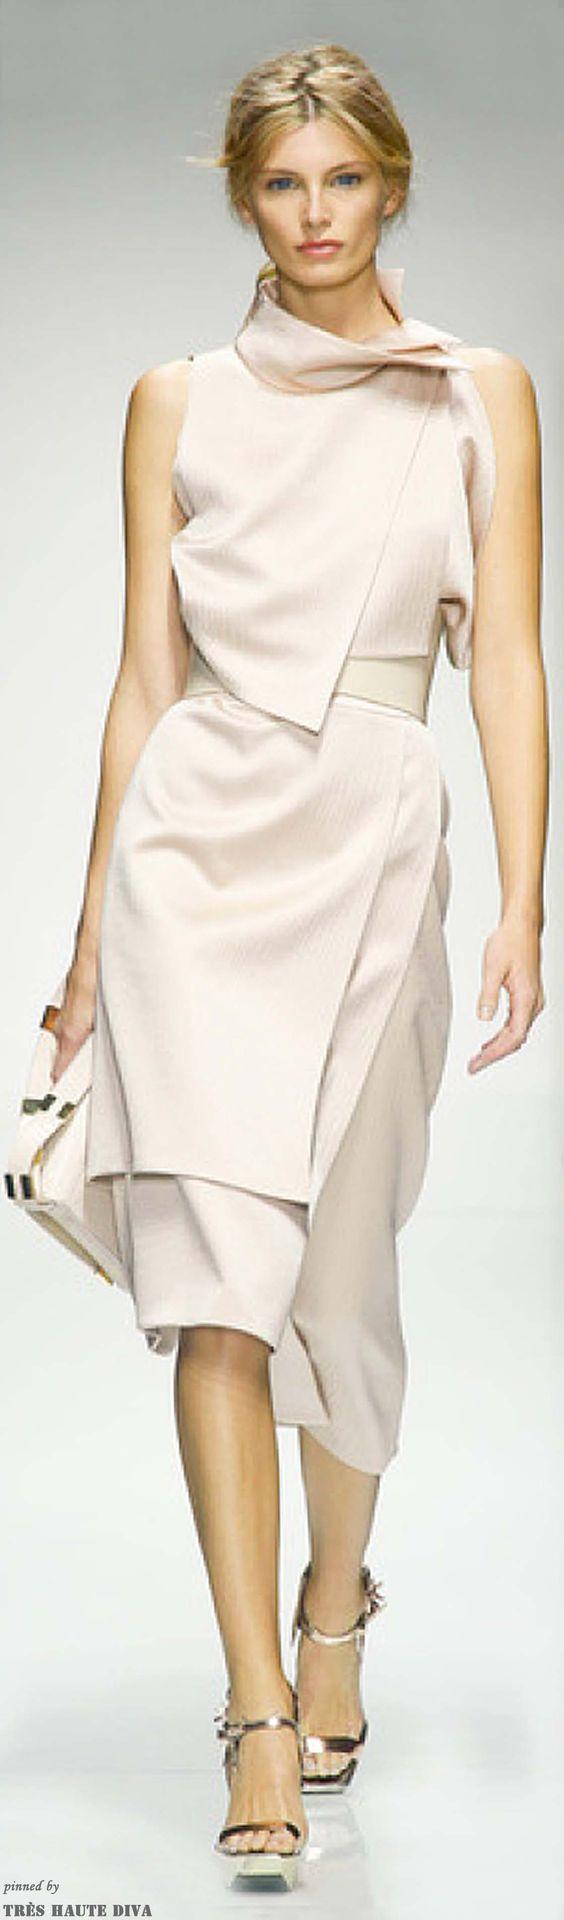 Unwiderstehlich! Zartes feminines Outfit in Elfenbein ...